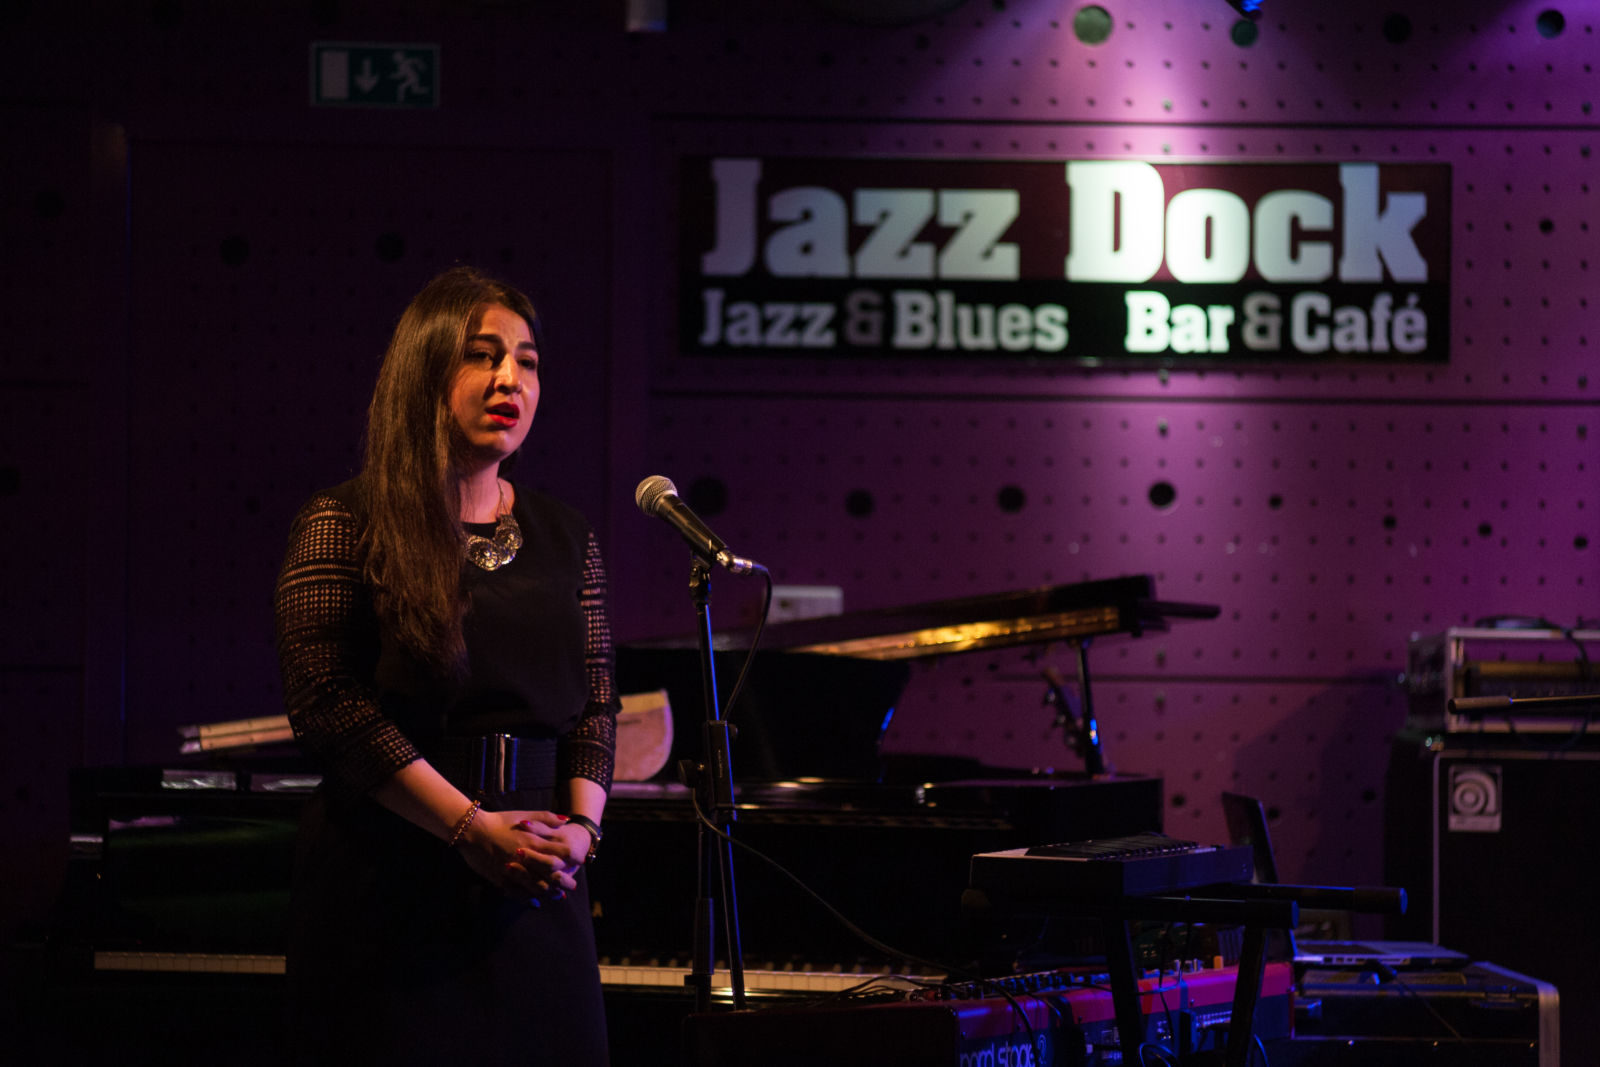 Jazzbit - DAS Trio - Jazz Dock